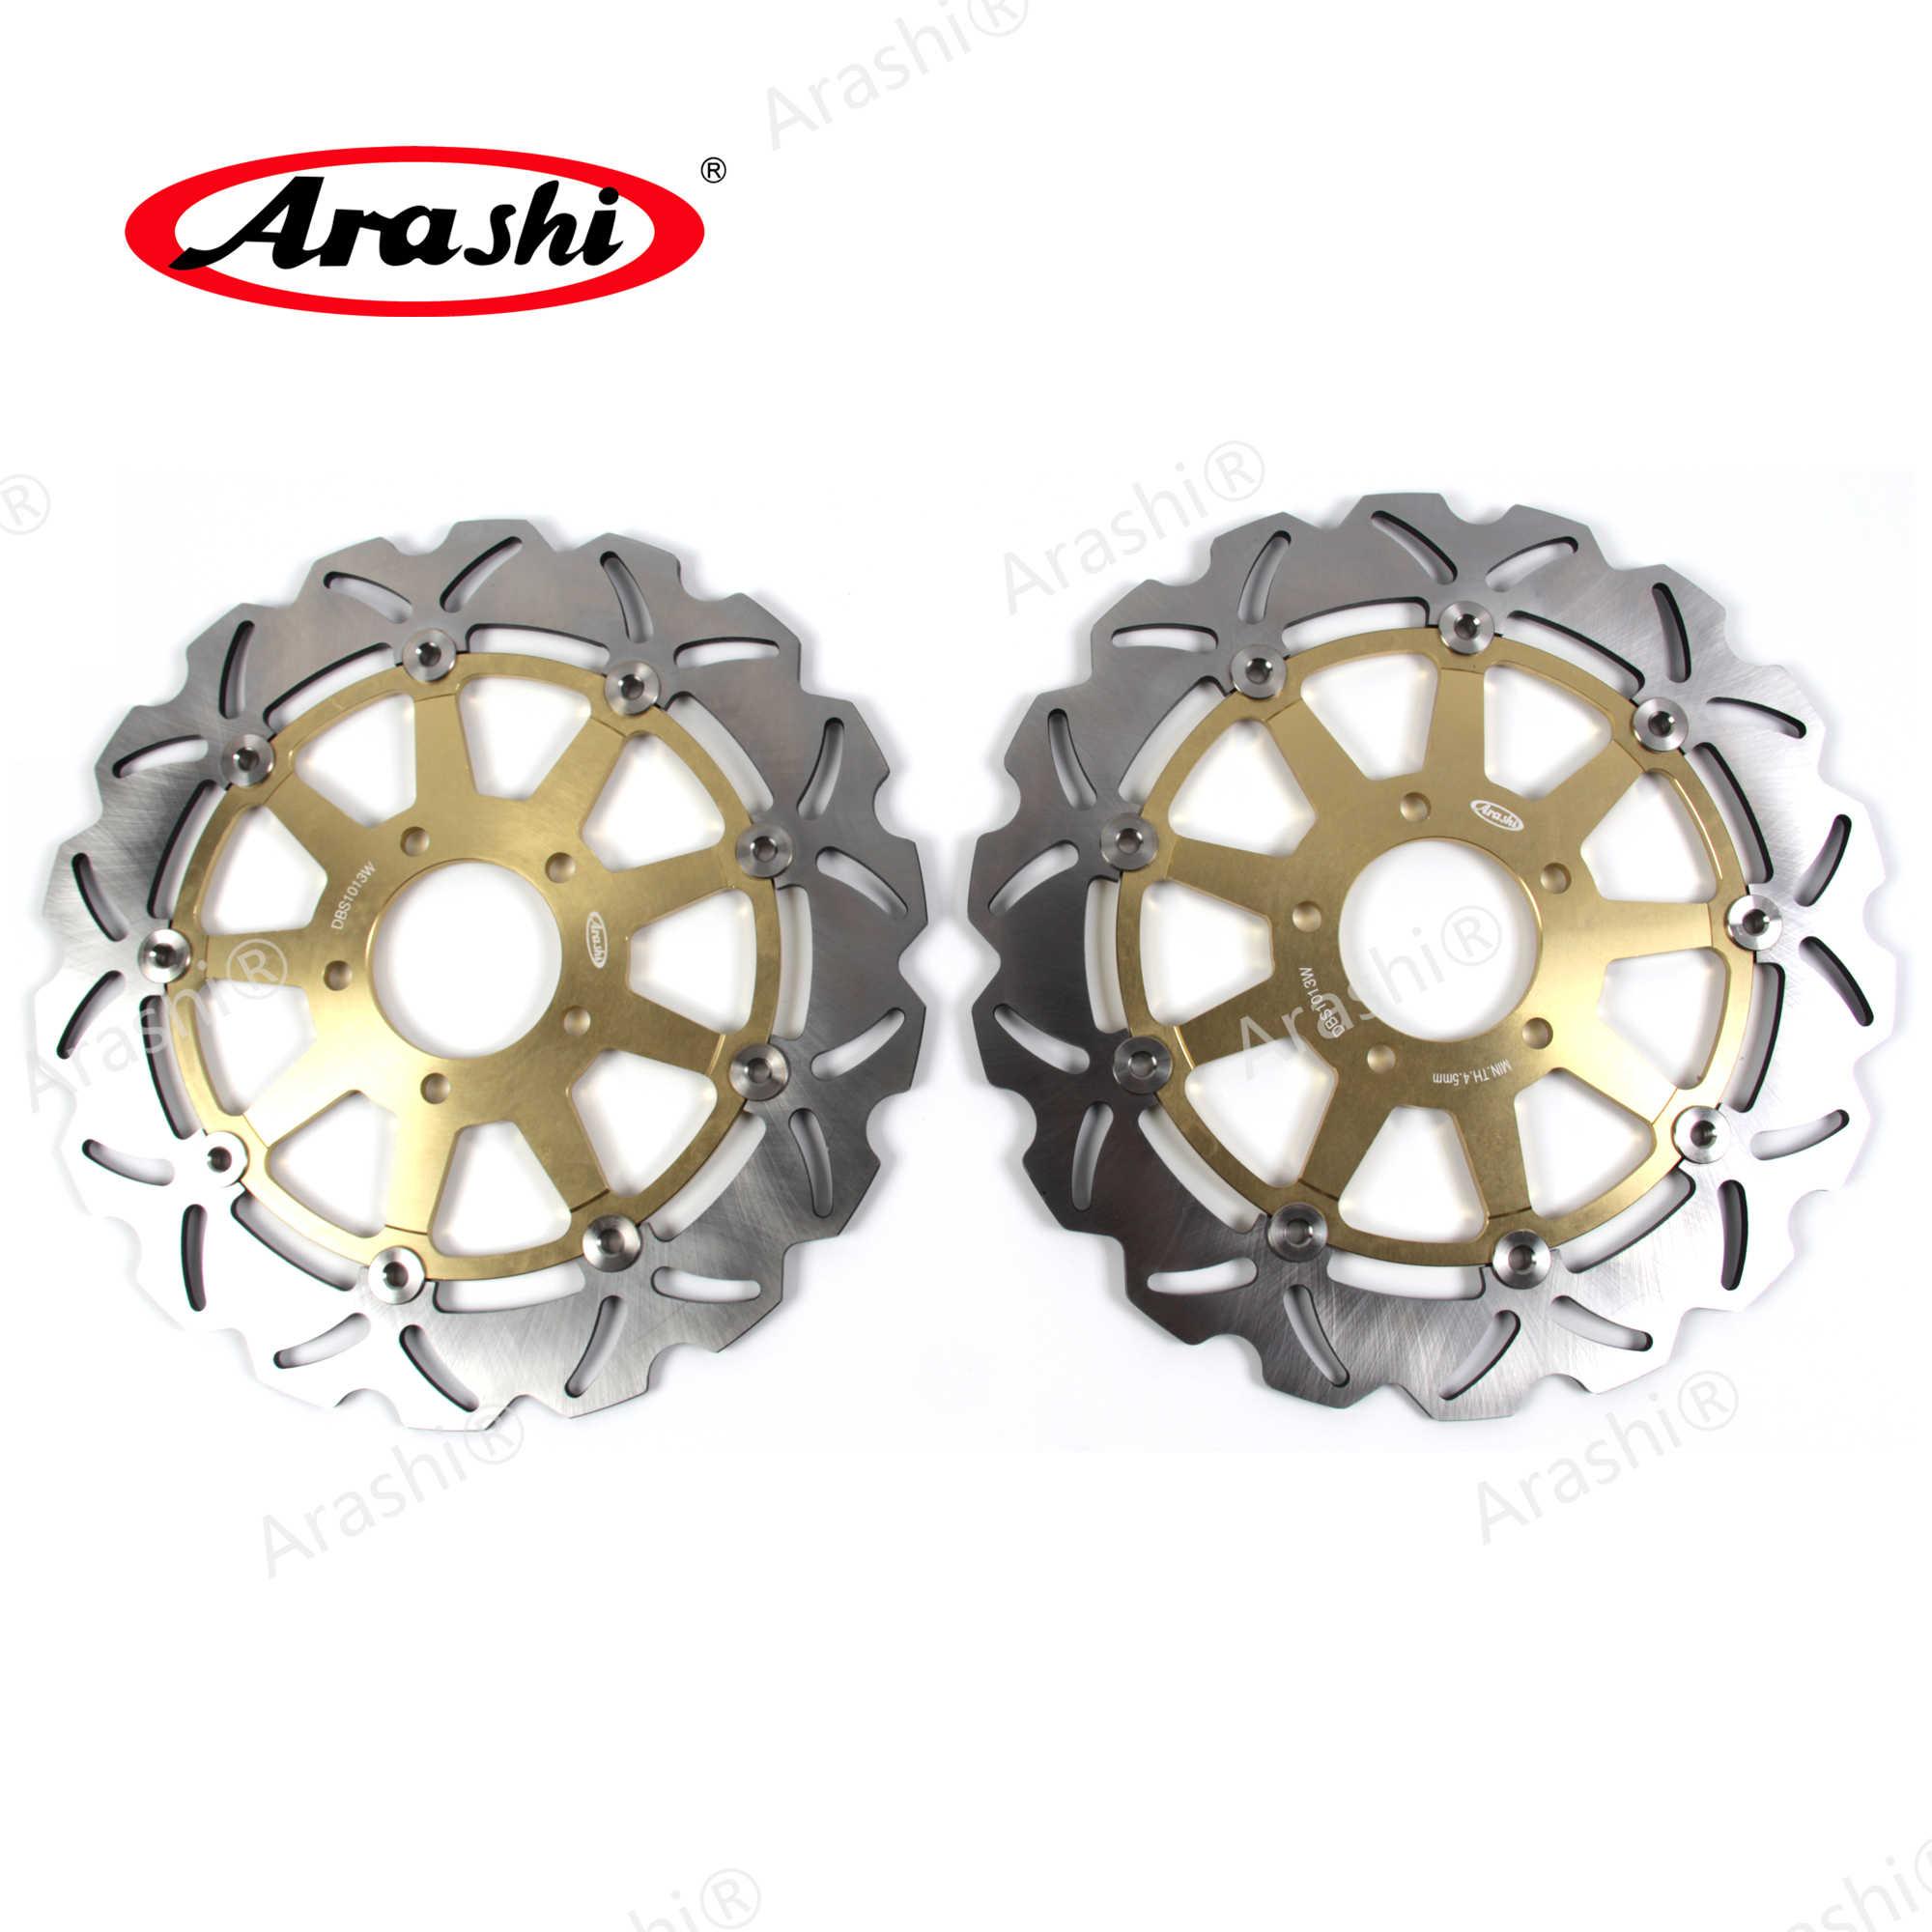 GSXR1000 2001 2002 Arashi Front Brake Discs Disks Compatible with GSXR600 1997-2003 GSX 1400 2002-2007 Motorcycle Accessories GSXR GSX-R 600 750 1000 GSX-R1000 GSX1400 Black GSXR750 1996-2003